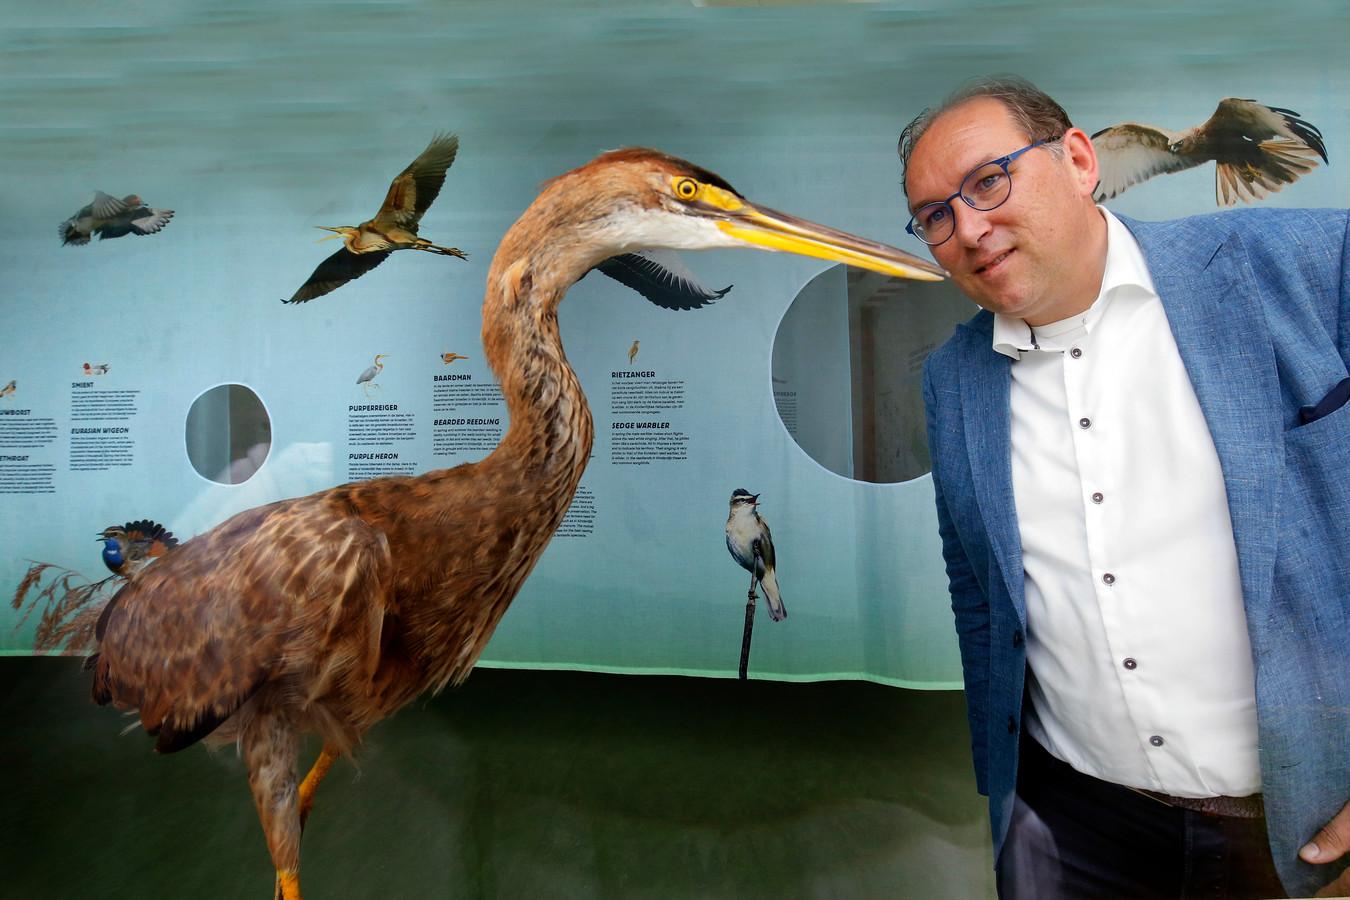 Directeur-bestuurder Peter-Jan van Steenbergen kijkt naar een opgezette purperreiger die in het Vogeltheater bij Kinderdijk poseert. Op de achtergrond staat allemaal informatie over de vogels die in het gebied voorkomen.